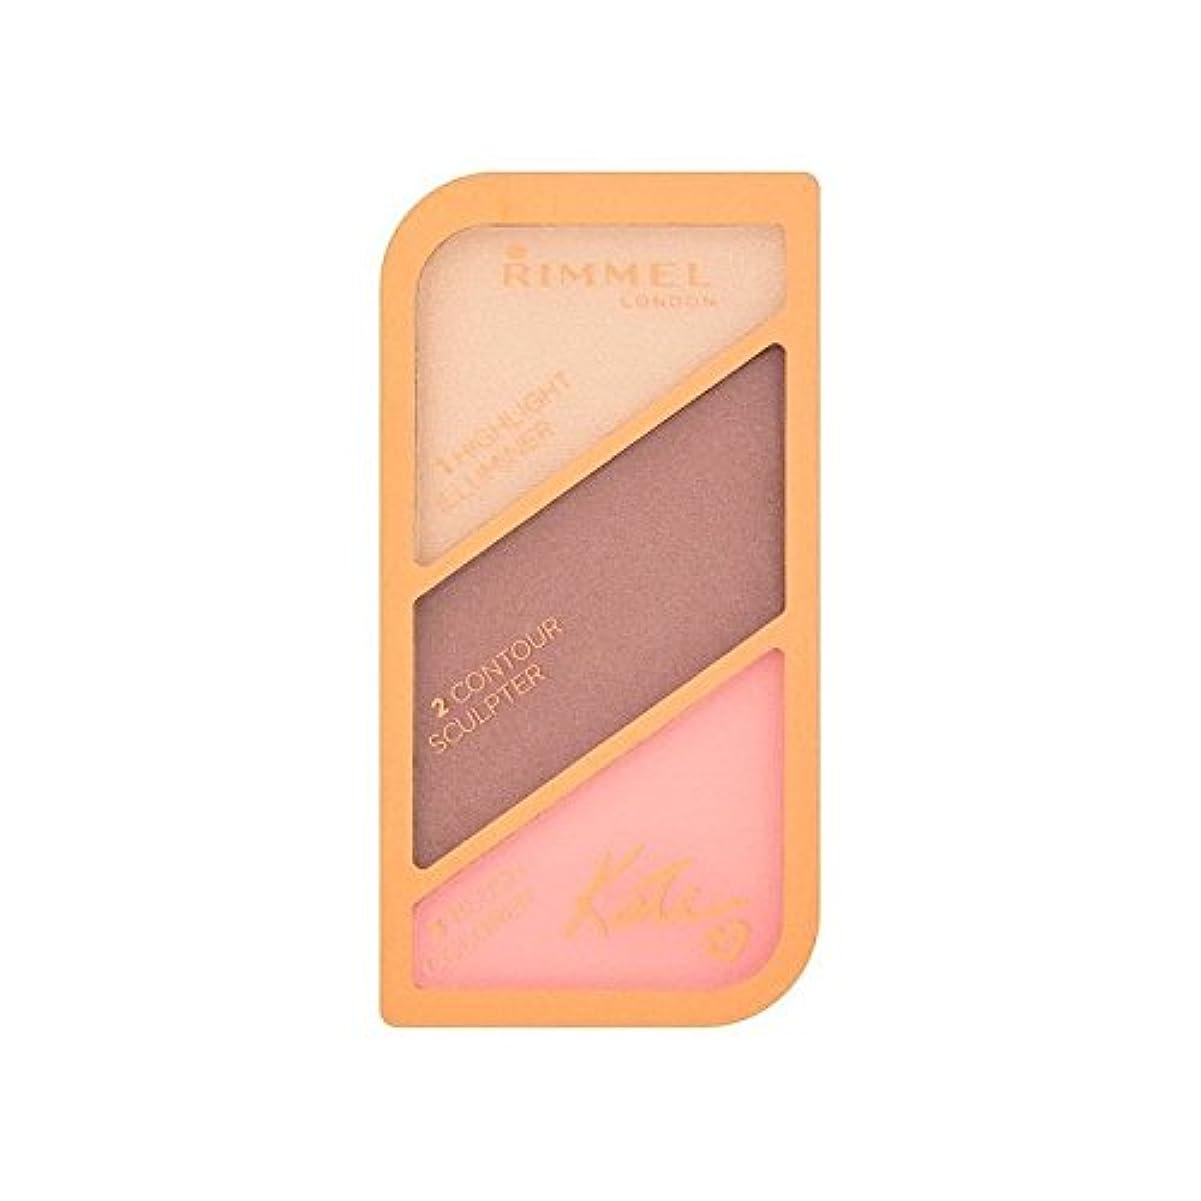 代表して政権ブースRimmel Kate Moss Sculpting Palette Golden Bronze 003 (Pack of 6) - リンメルケイト?モスの彫刻パレット黄金のブロンズ003 x6 [並行輸入品]